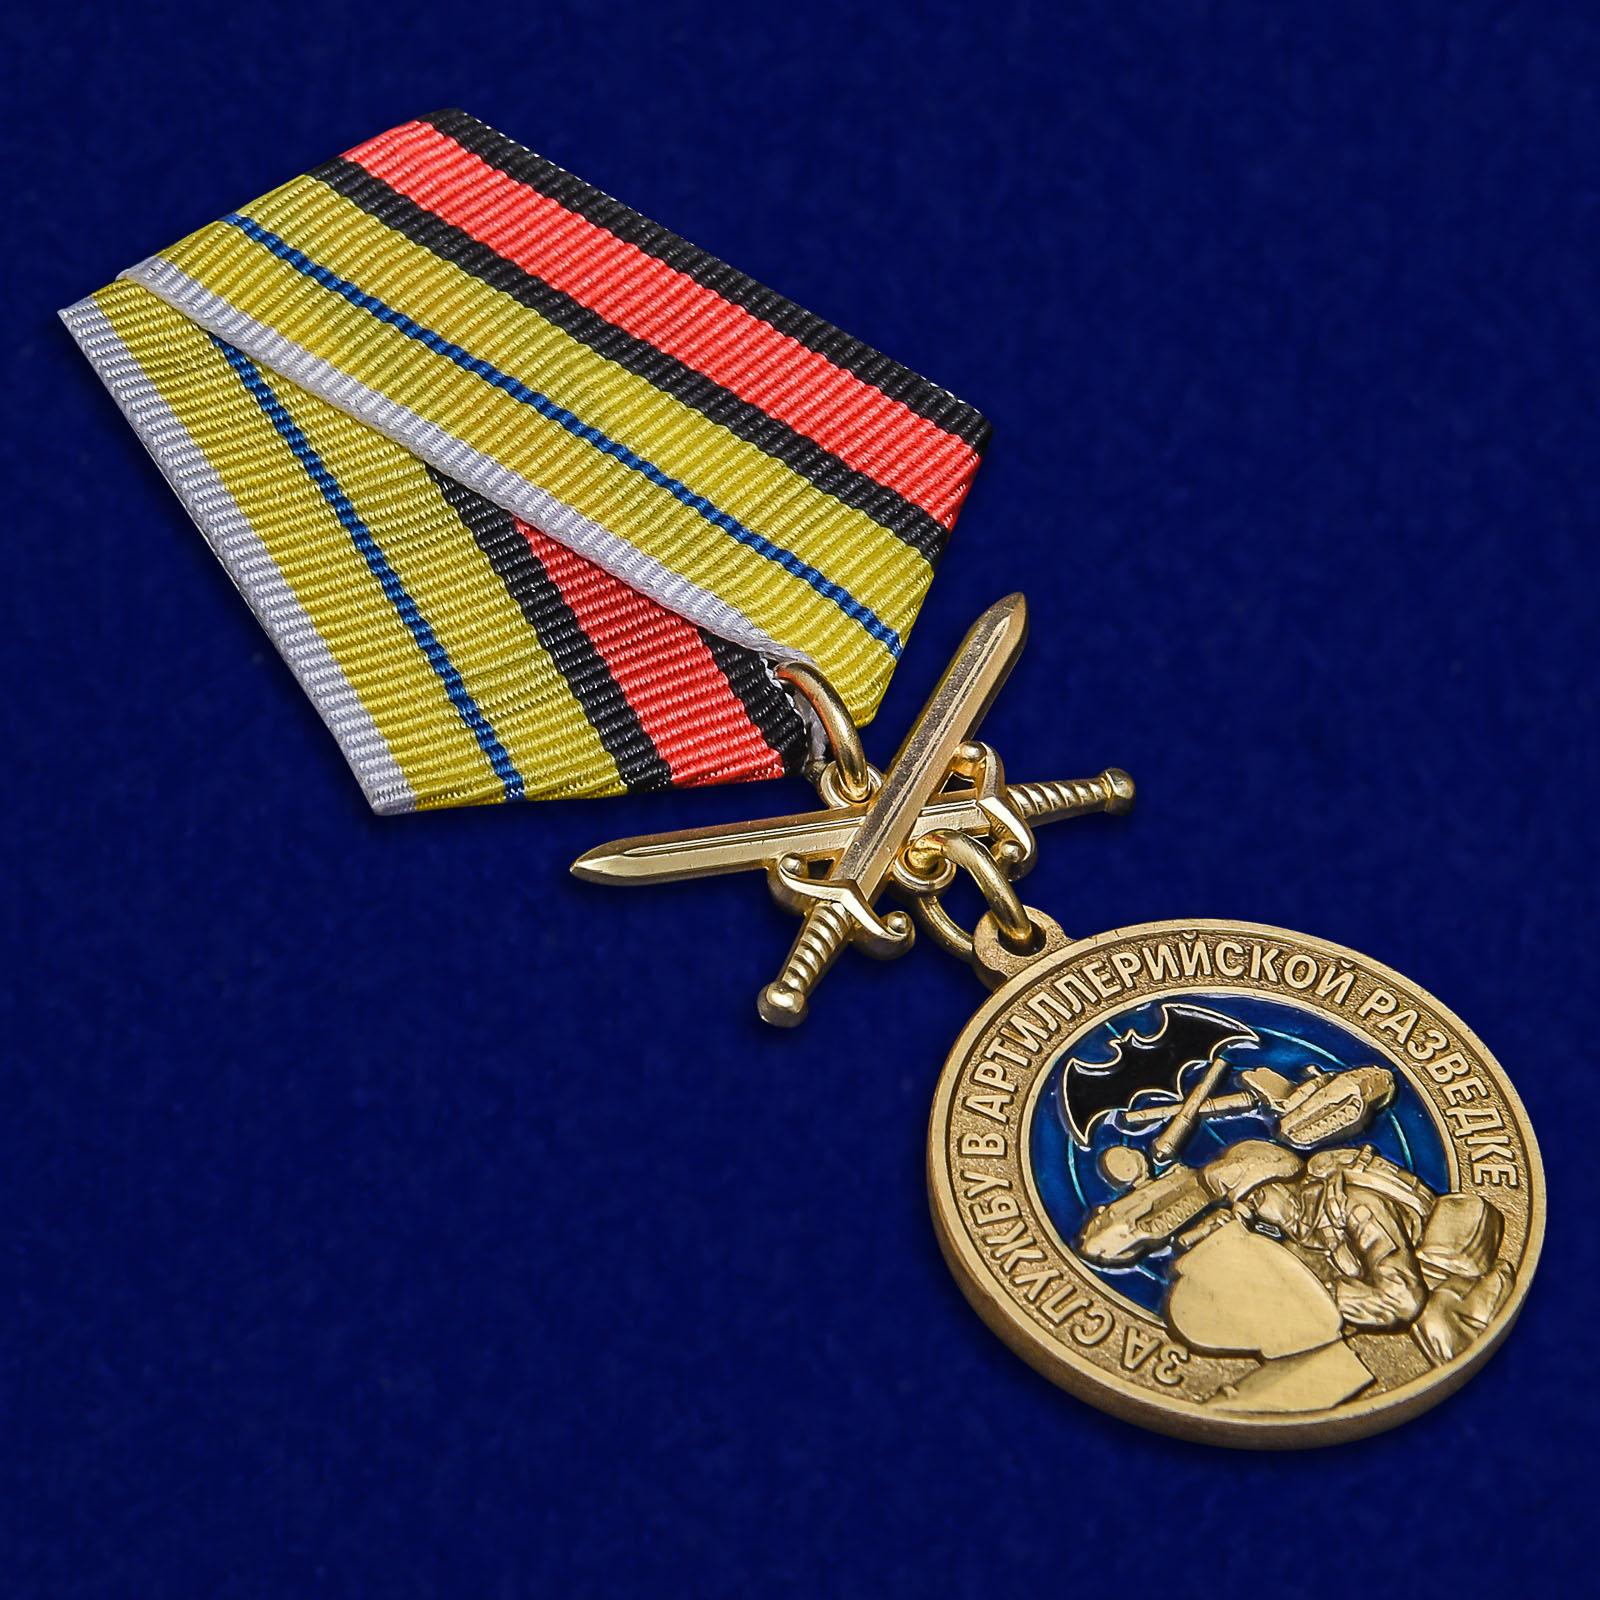 """Купить медаль """"За службу в артиллерийской разведке"""""""